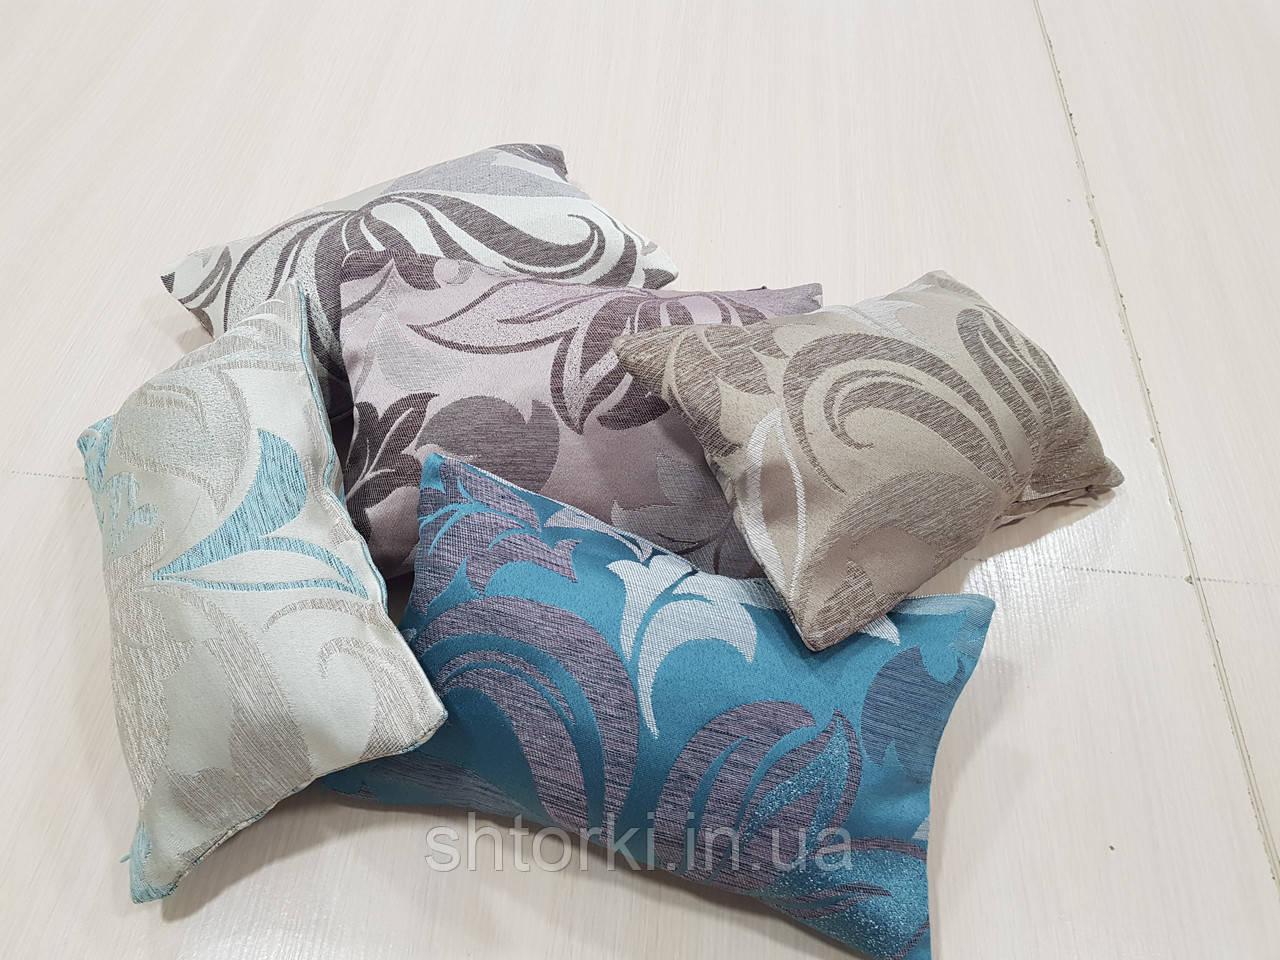 Комплект подушек   цветные полоска и завитки   5шт